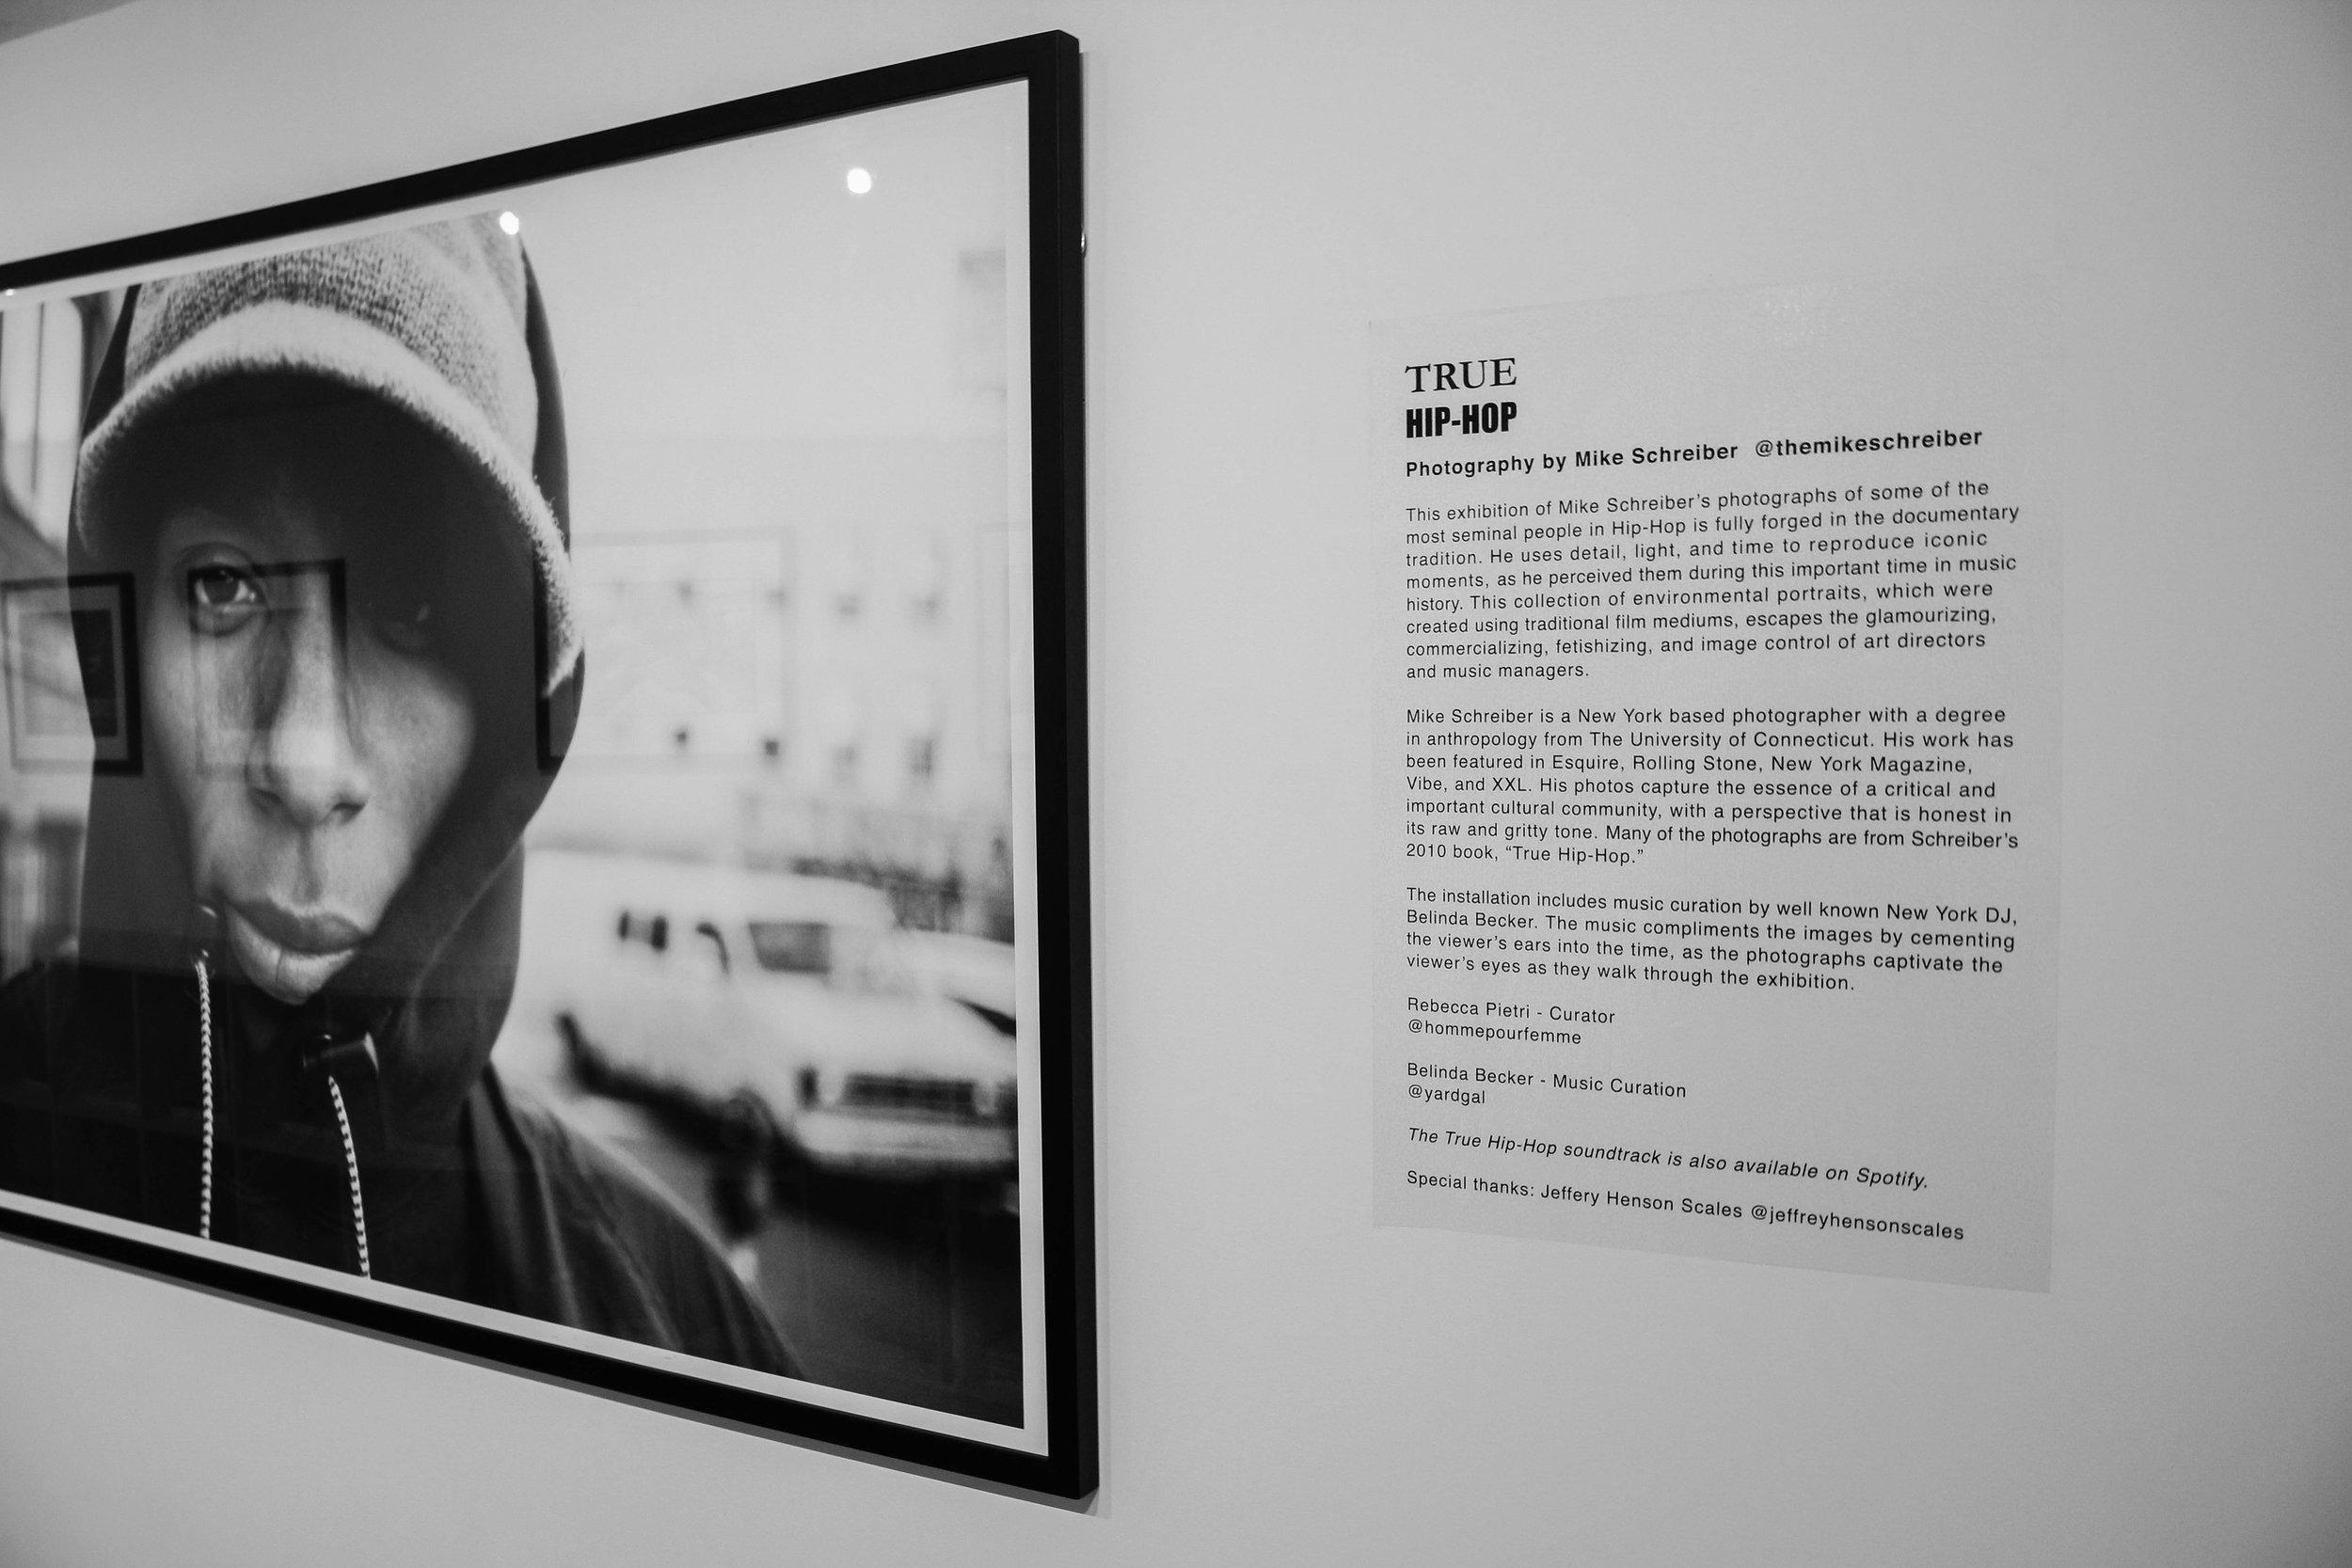 True Hip Hop_ Mike Schreiber Photographer_Curator Rebecca Pietri _ Front.jpg